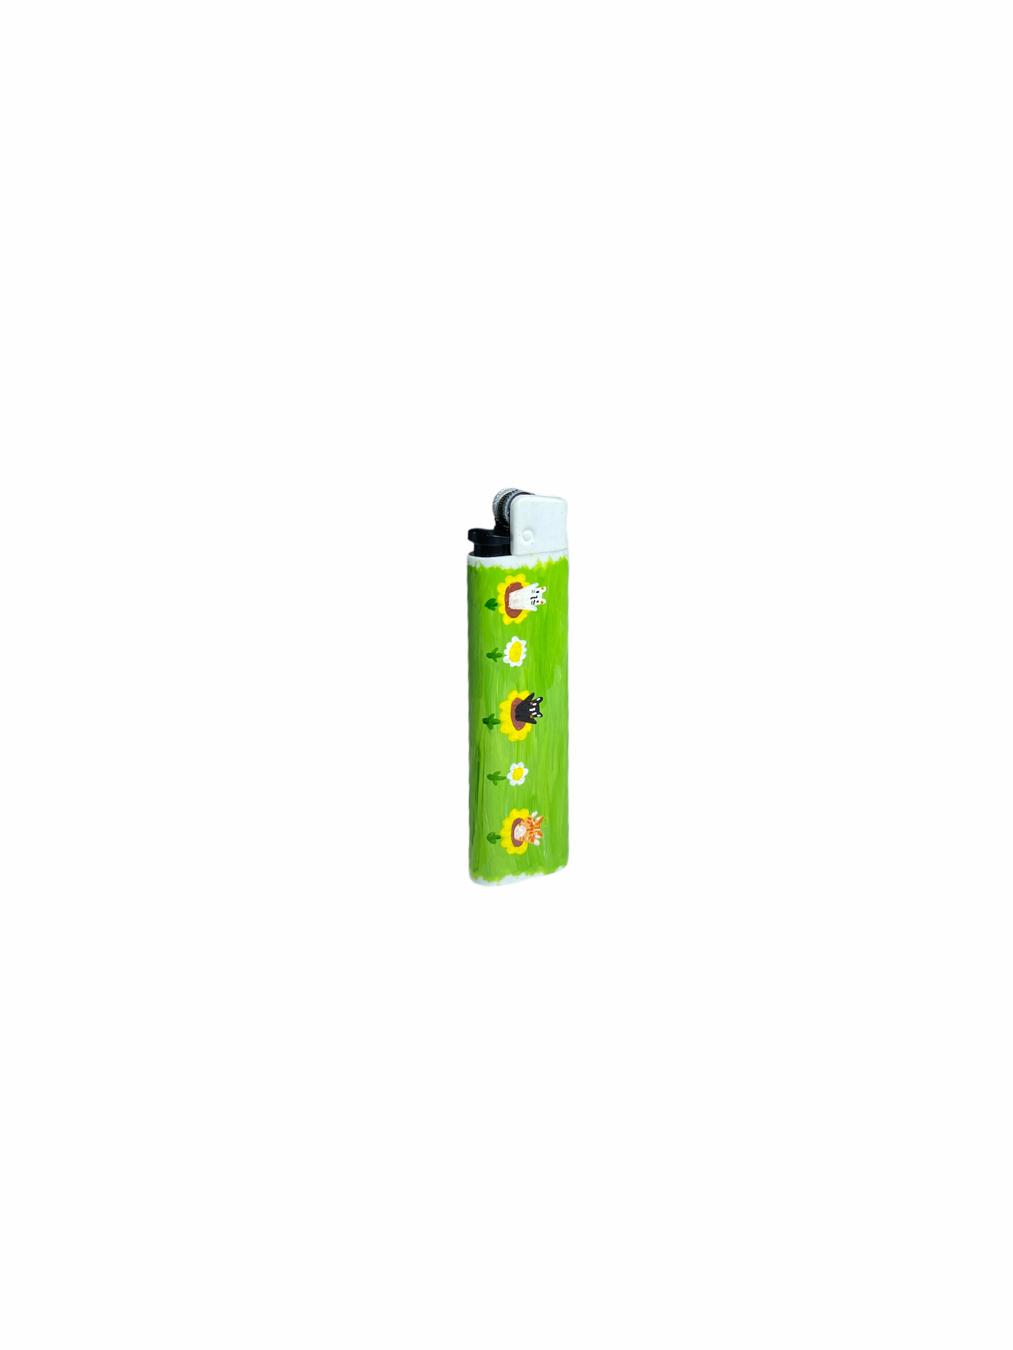 Sneakarette Painted Lighter (Green)